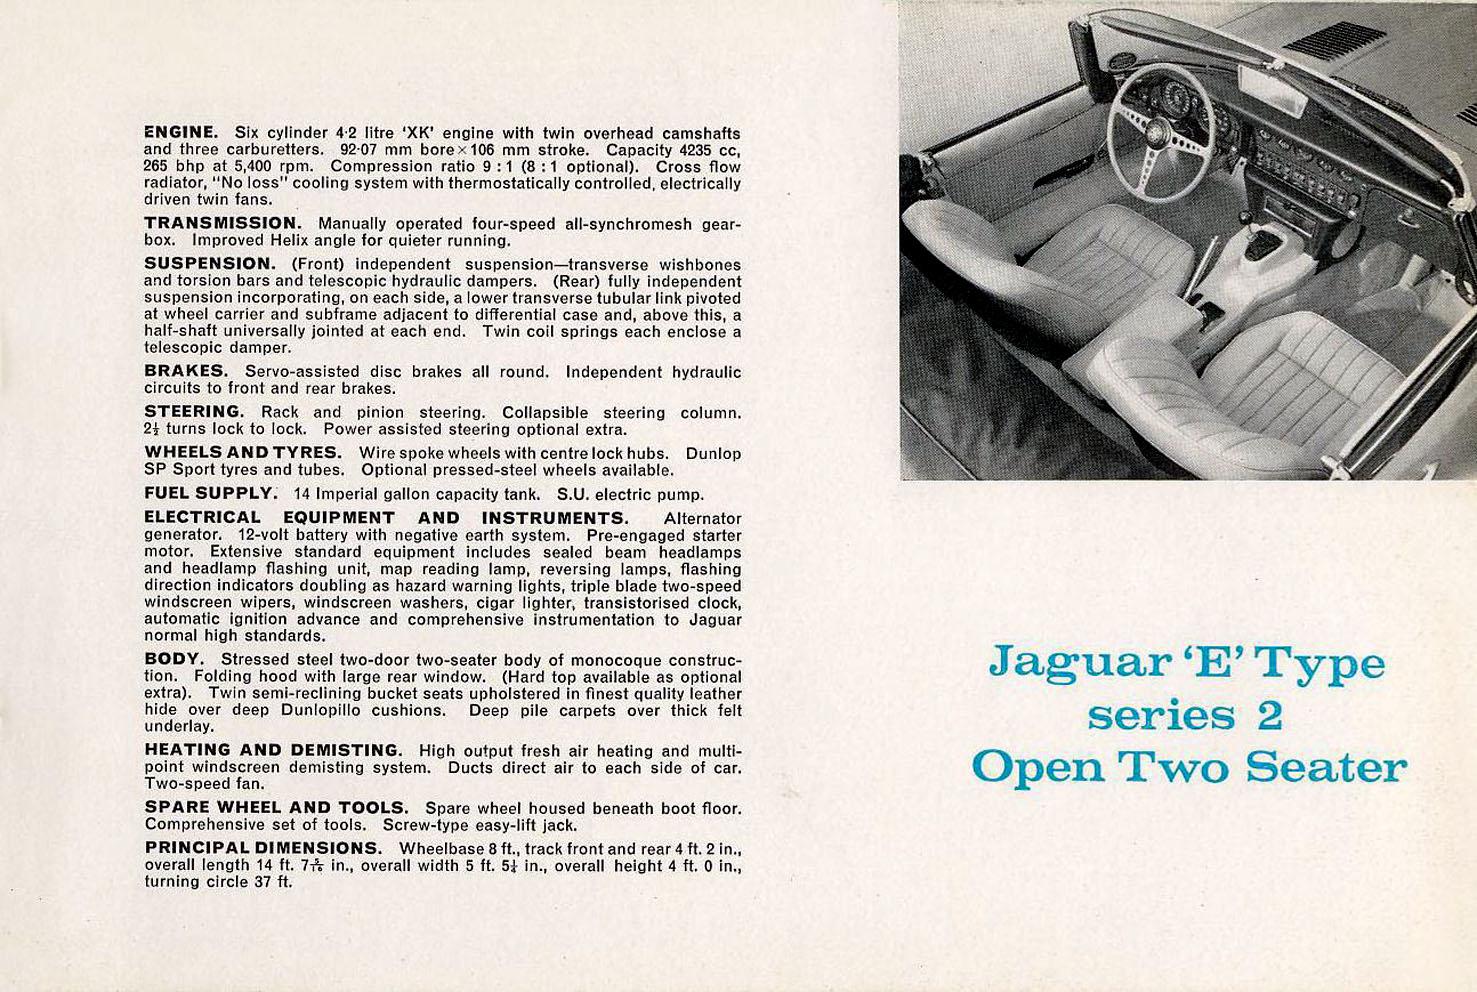 TunnelRam_Jaguar_E-type_1968 (3).jpg